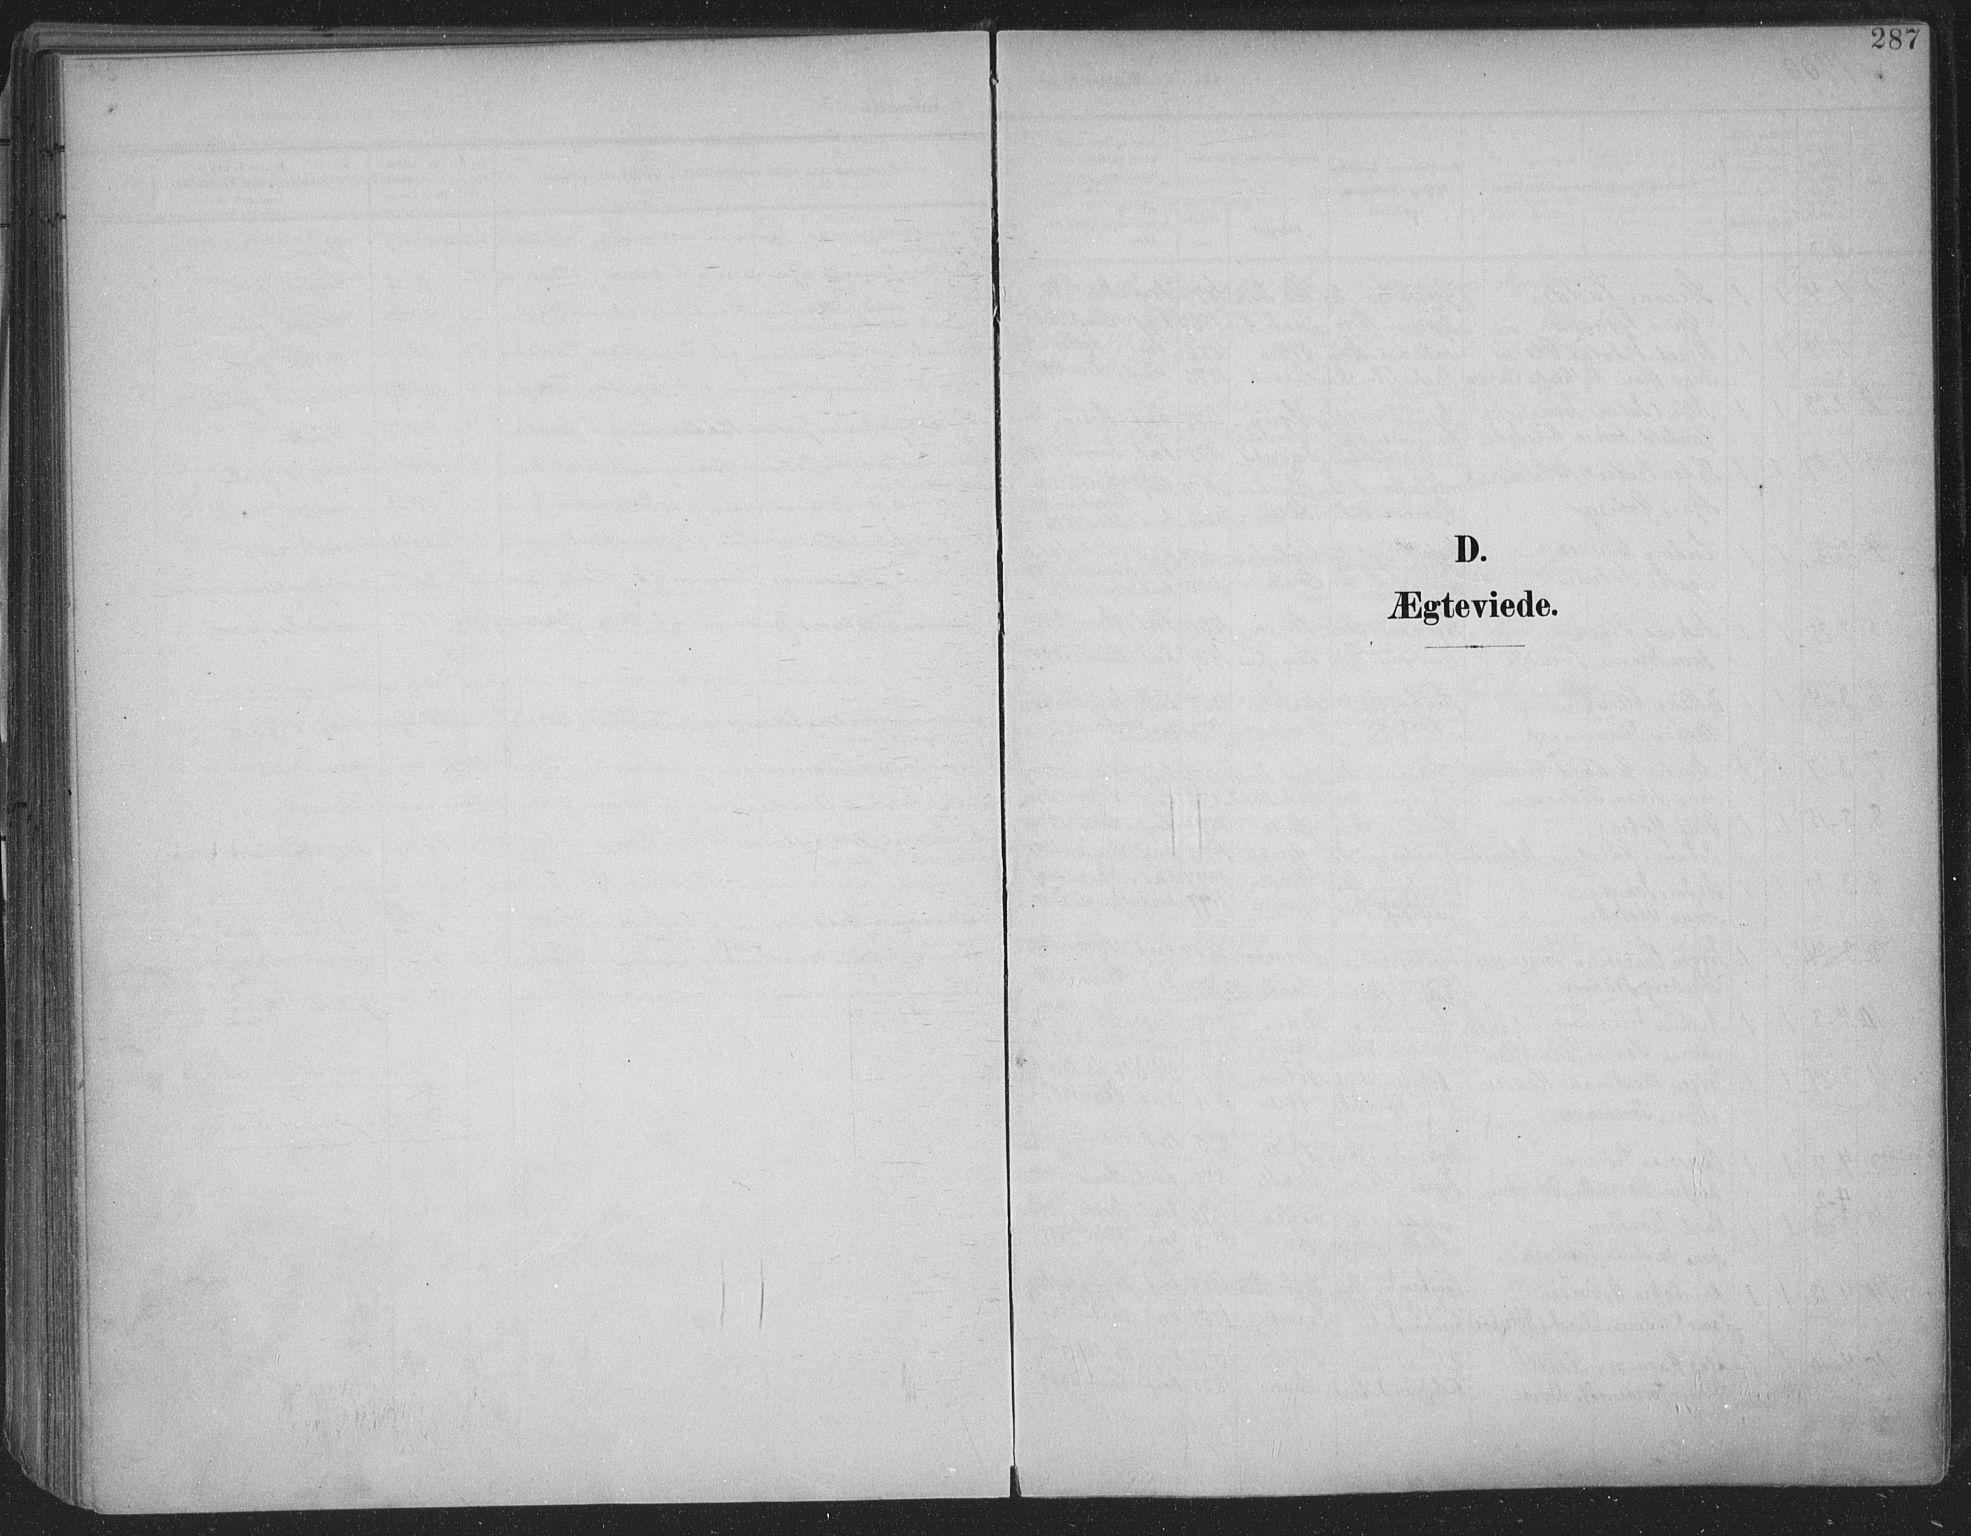 SAKO, Skien kirkebøker, F/Fa/L0011: Ministerialbok nr. 11, 1900-1907, s. 287